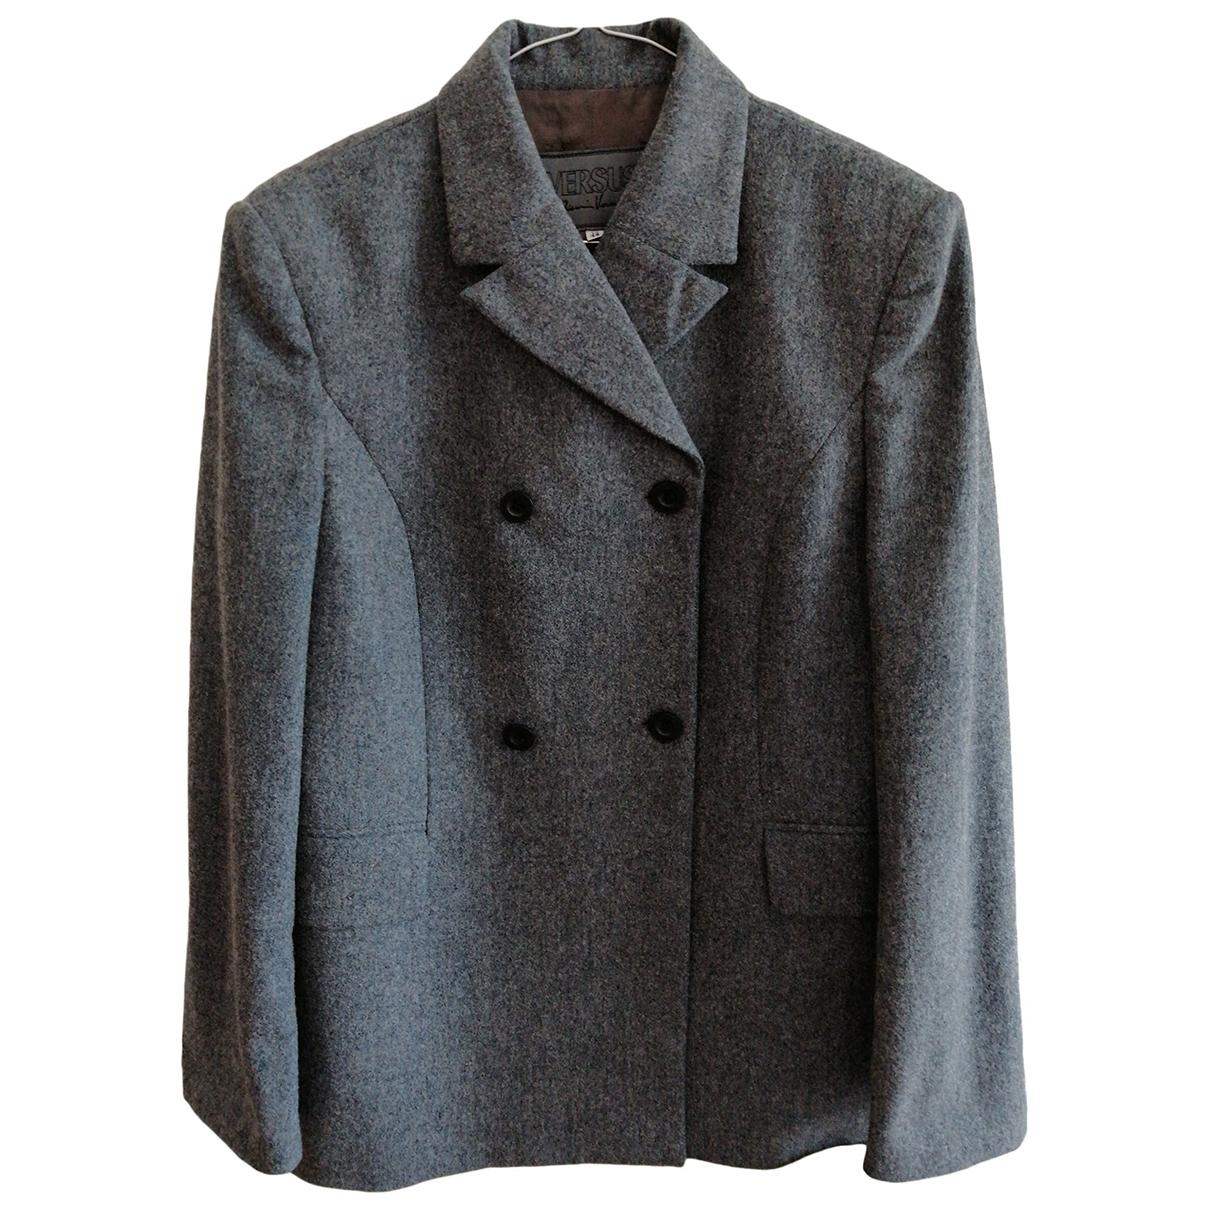 Versus \N Grey Wool jacket for Women 46 IT